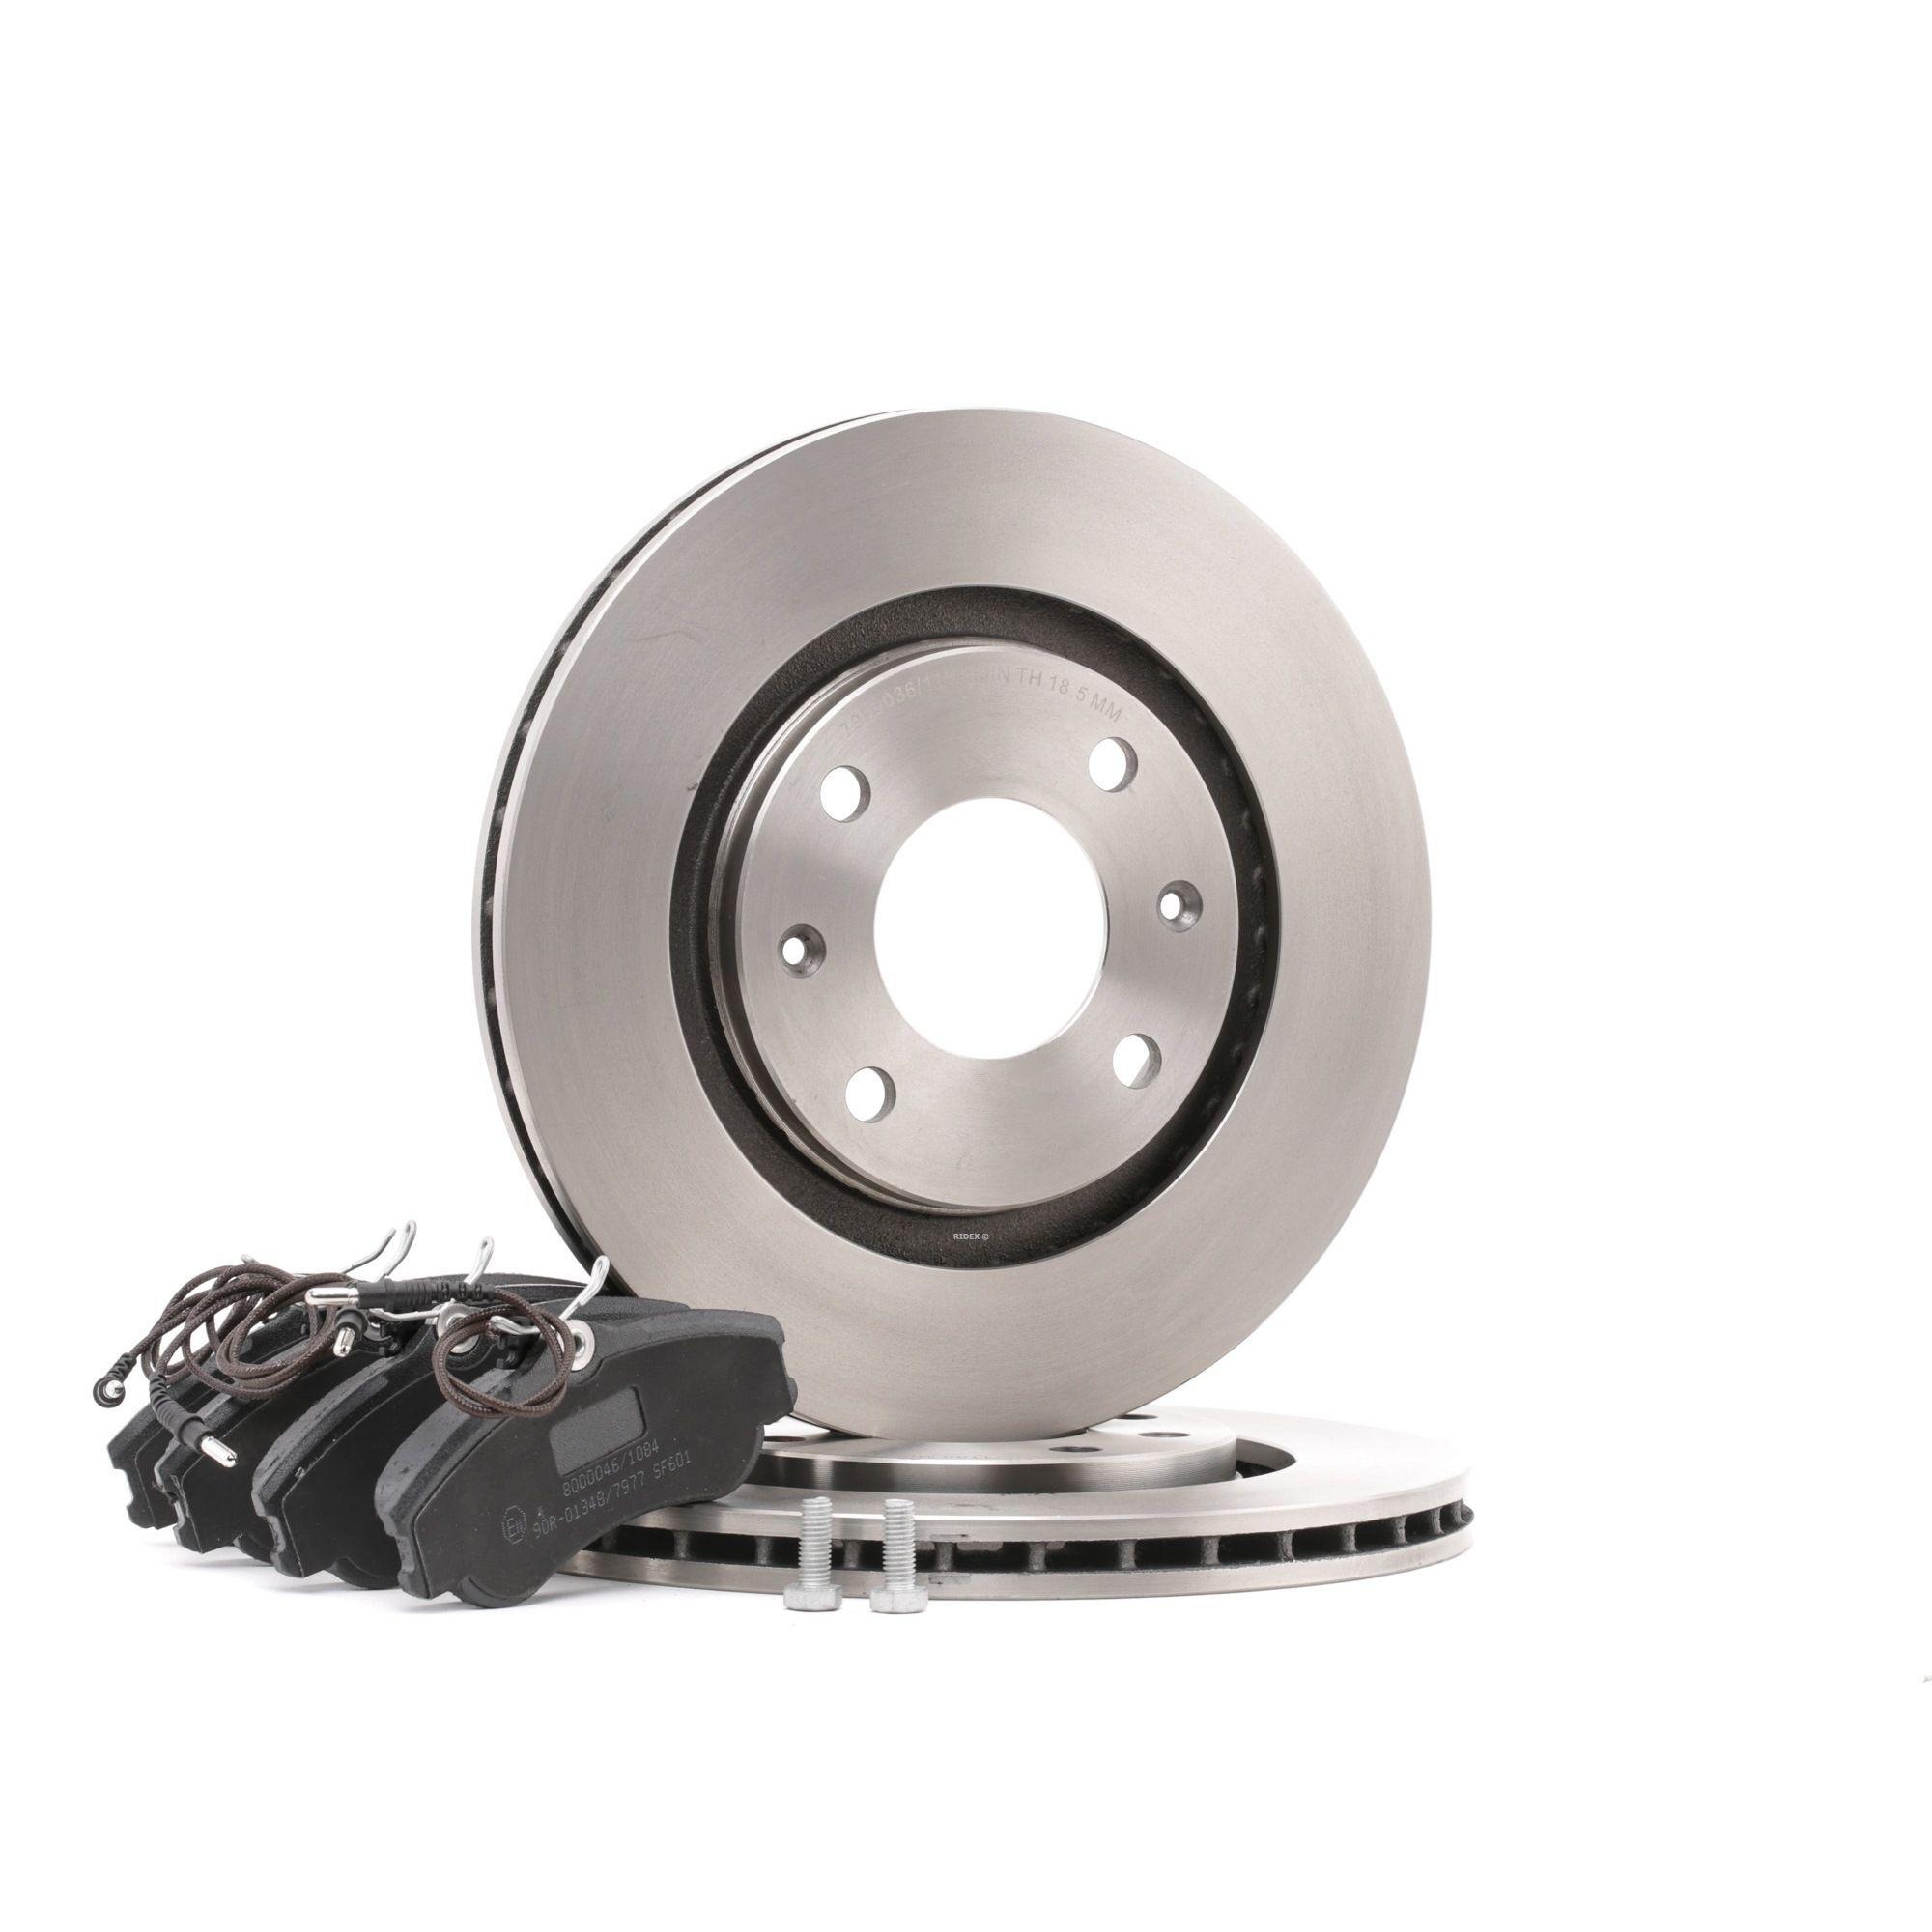 RIDEX Kit de freins, frein à disques PEUGEOT,CITROËN 3405B0367 4246R5,425155,95632048 95667809,424697,4246B1,4246R3,425154